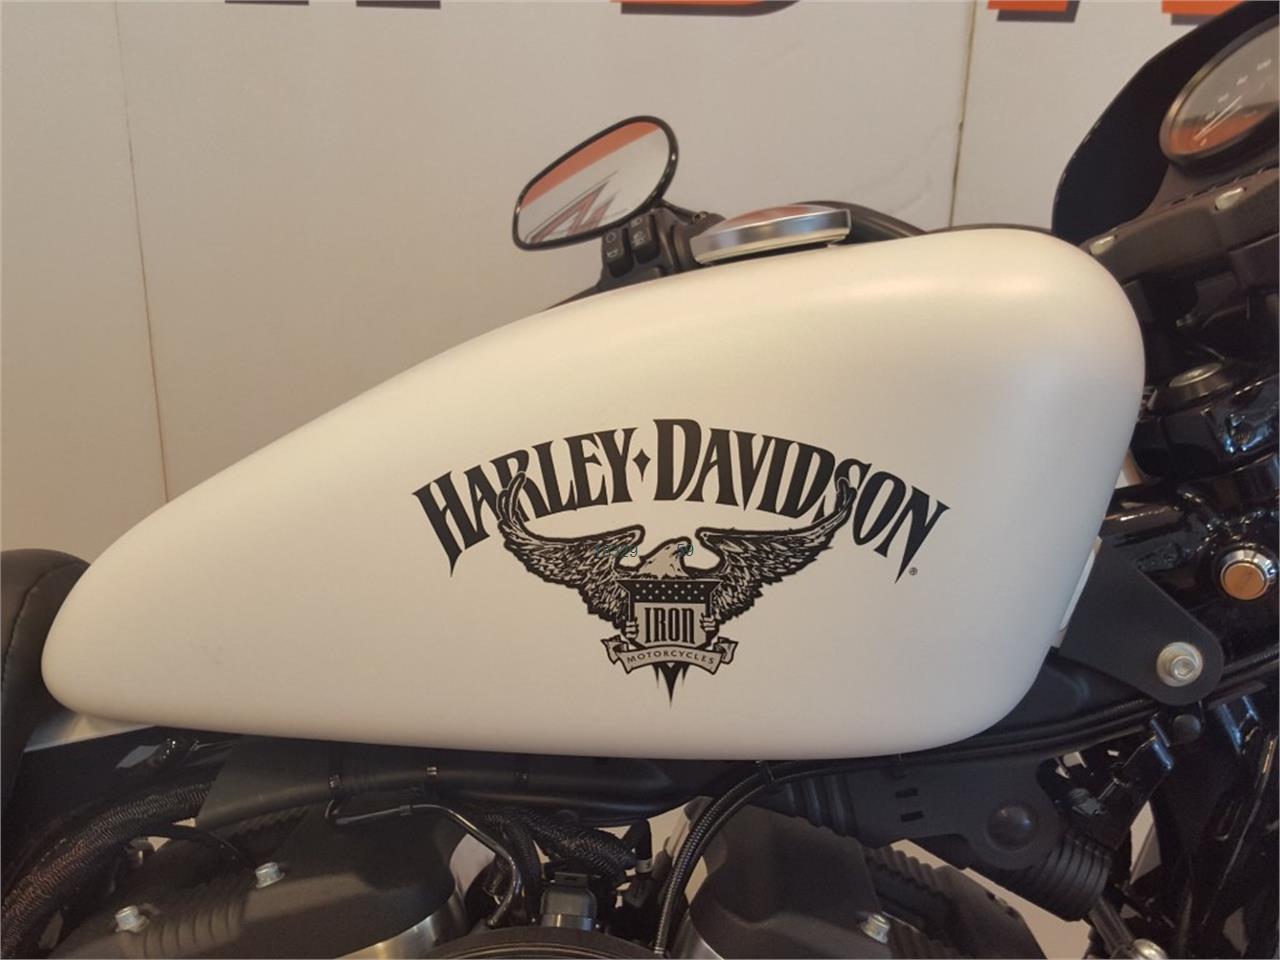 HARLEY DAVIDSON Sportster 883 Iron_4 de venta en Alicante